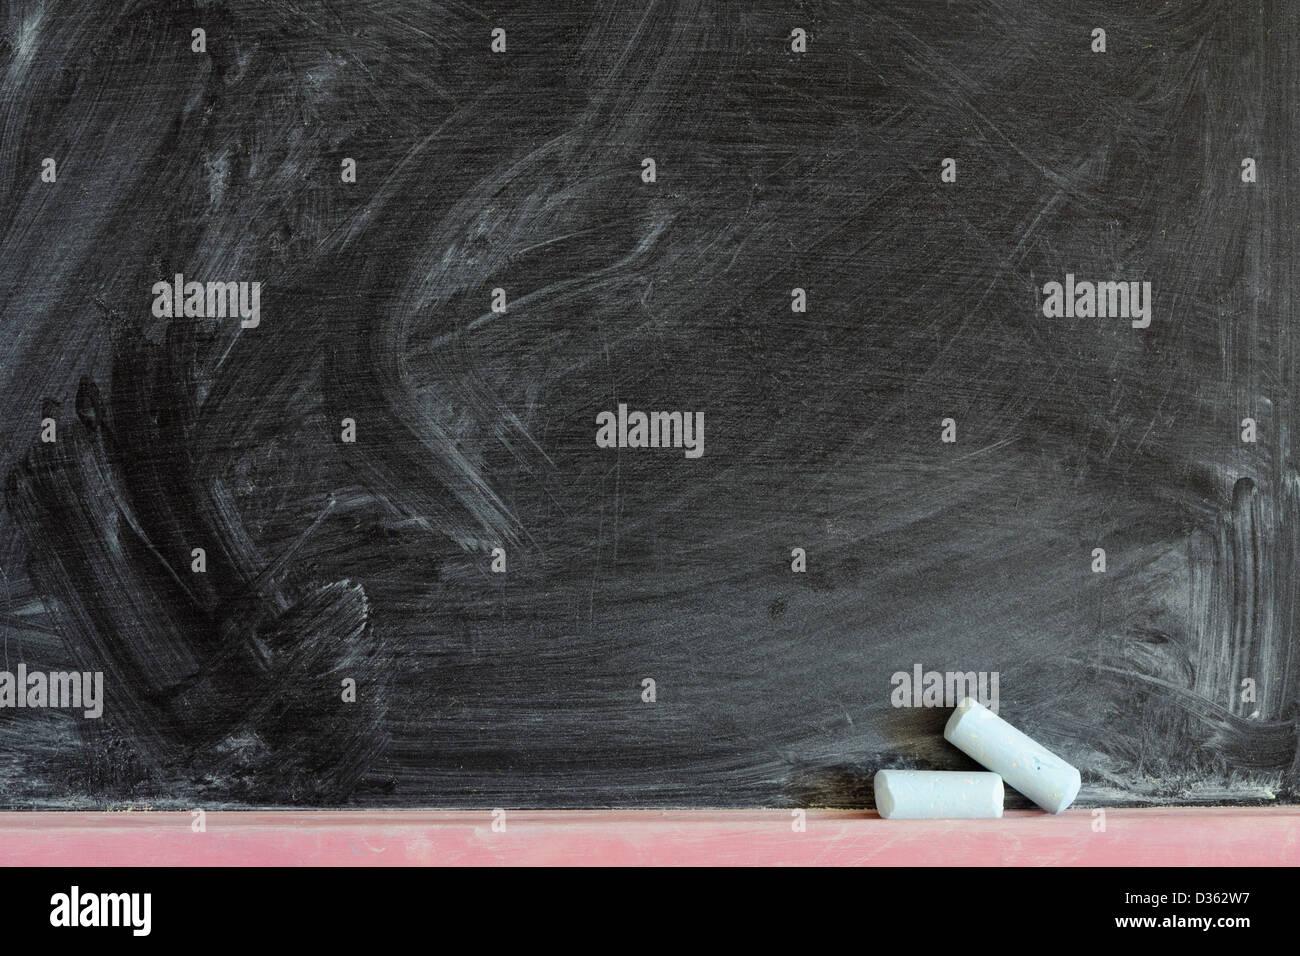 detaillierte schwarze Tafel Fragment mit zwei Kreide Stücke Stockbild